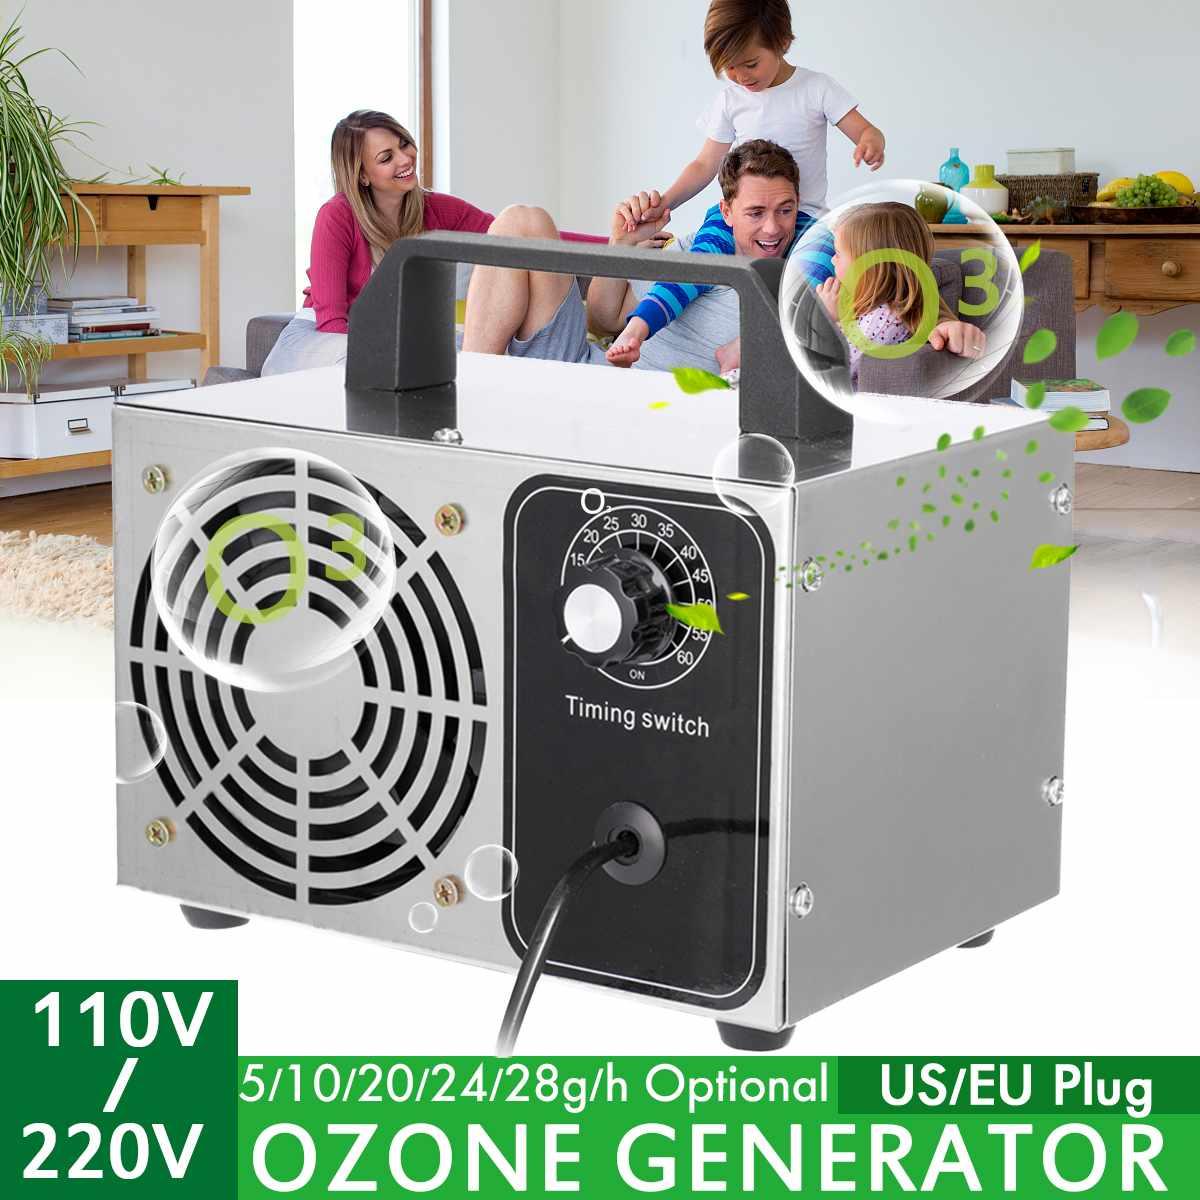 220V/110V 10g/24g/28g Ozone Generator Air Purifier Ozonizador Ozonator Air Cleaner Ozon Generator Ozonizer Sterilization Odo